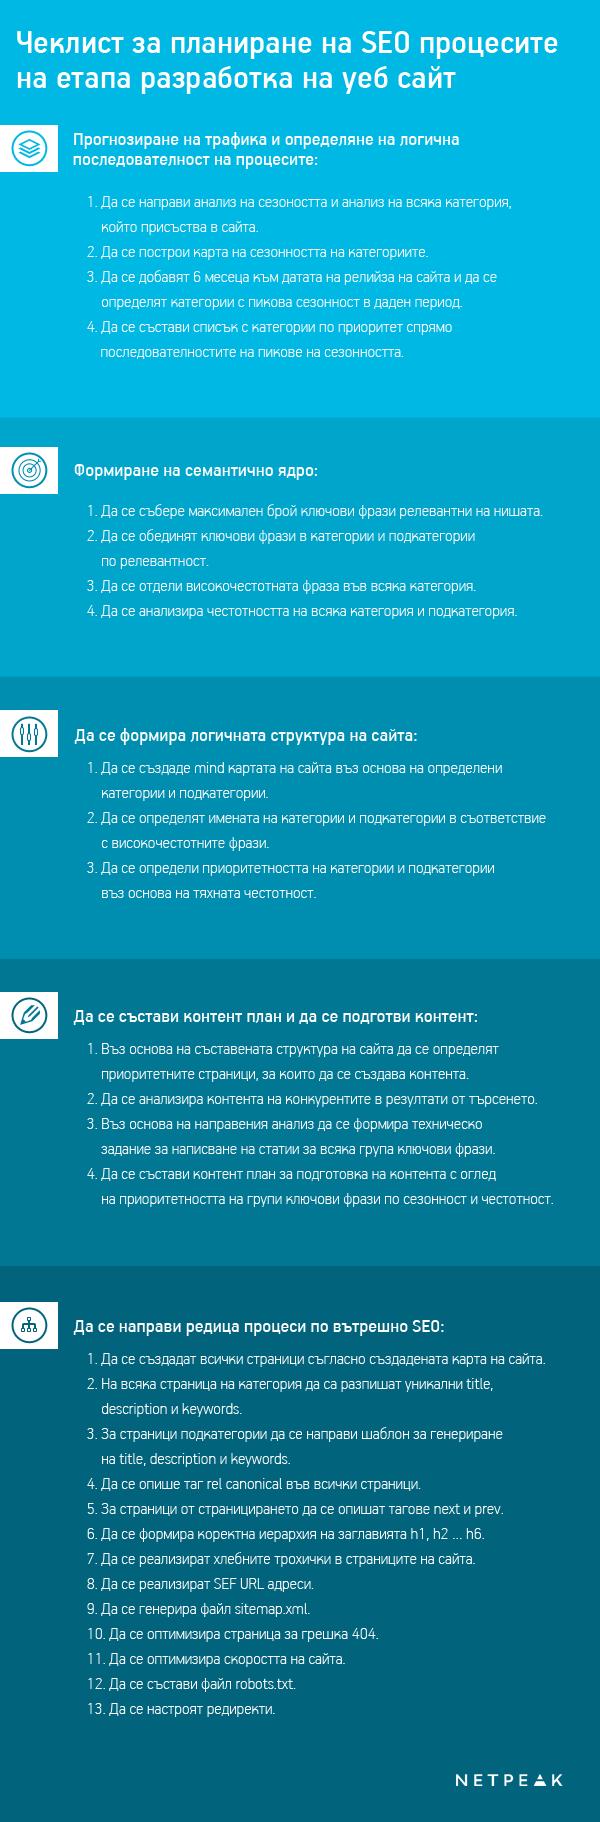 Чеклист за планиране на SEO процесите на етапа разработка на уеб сайт